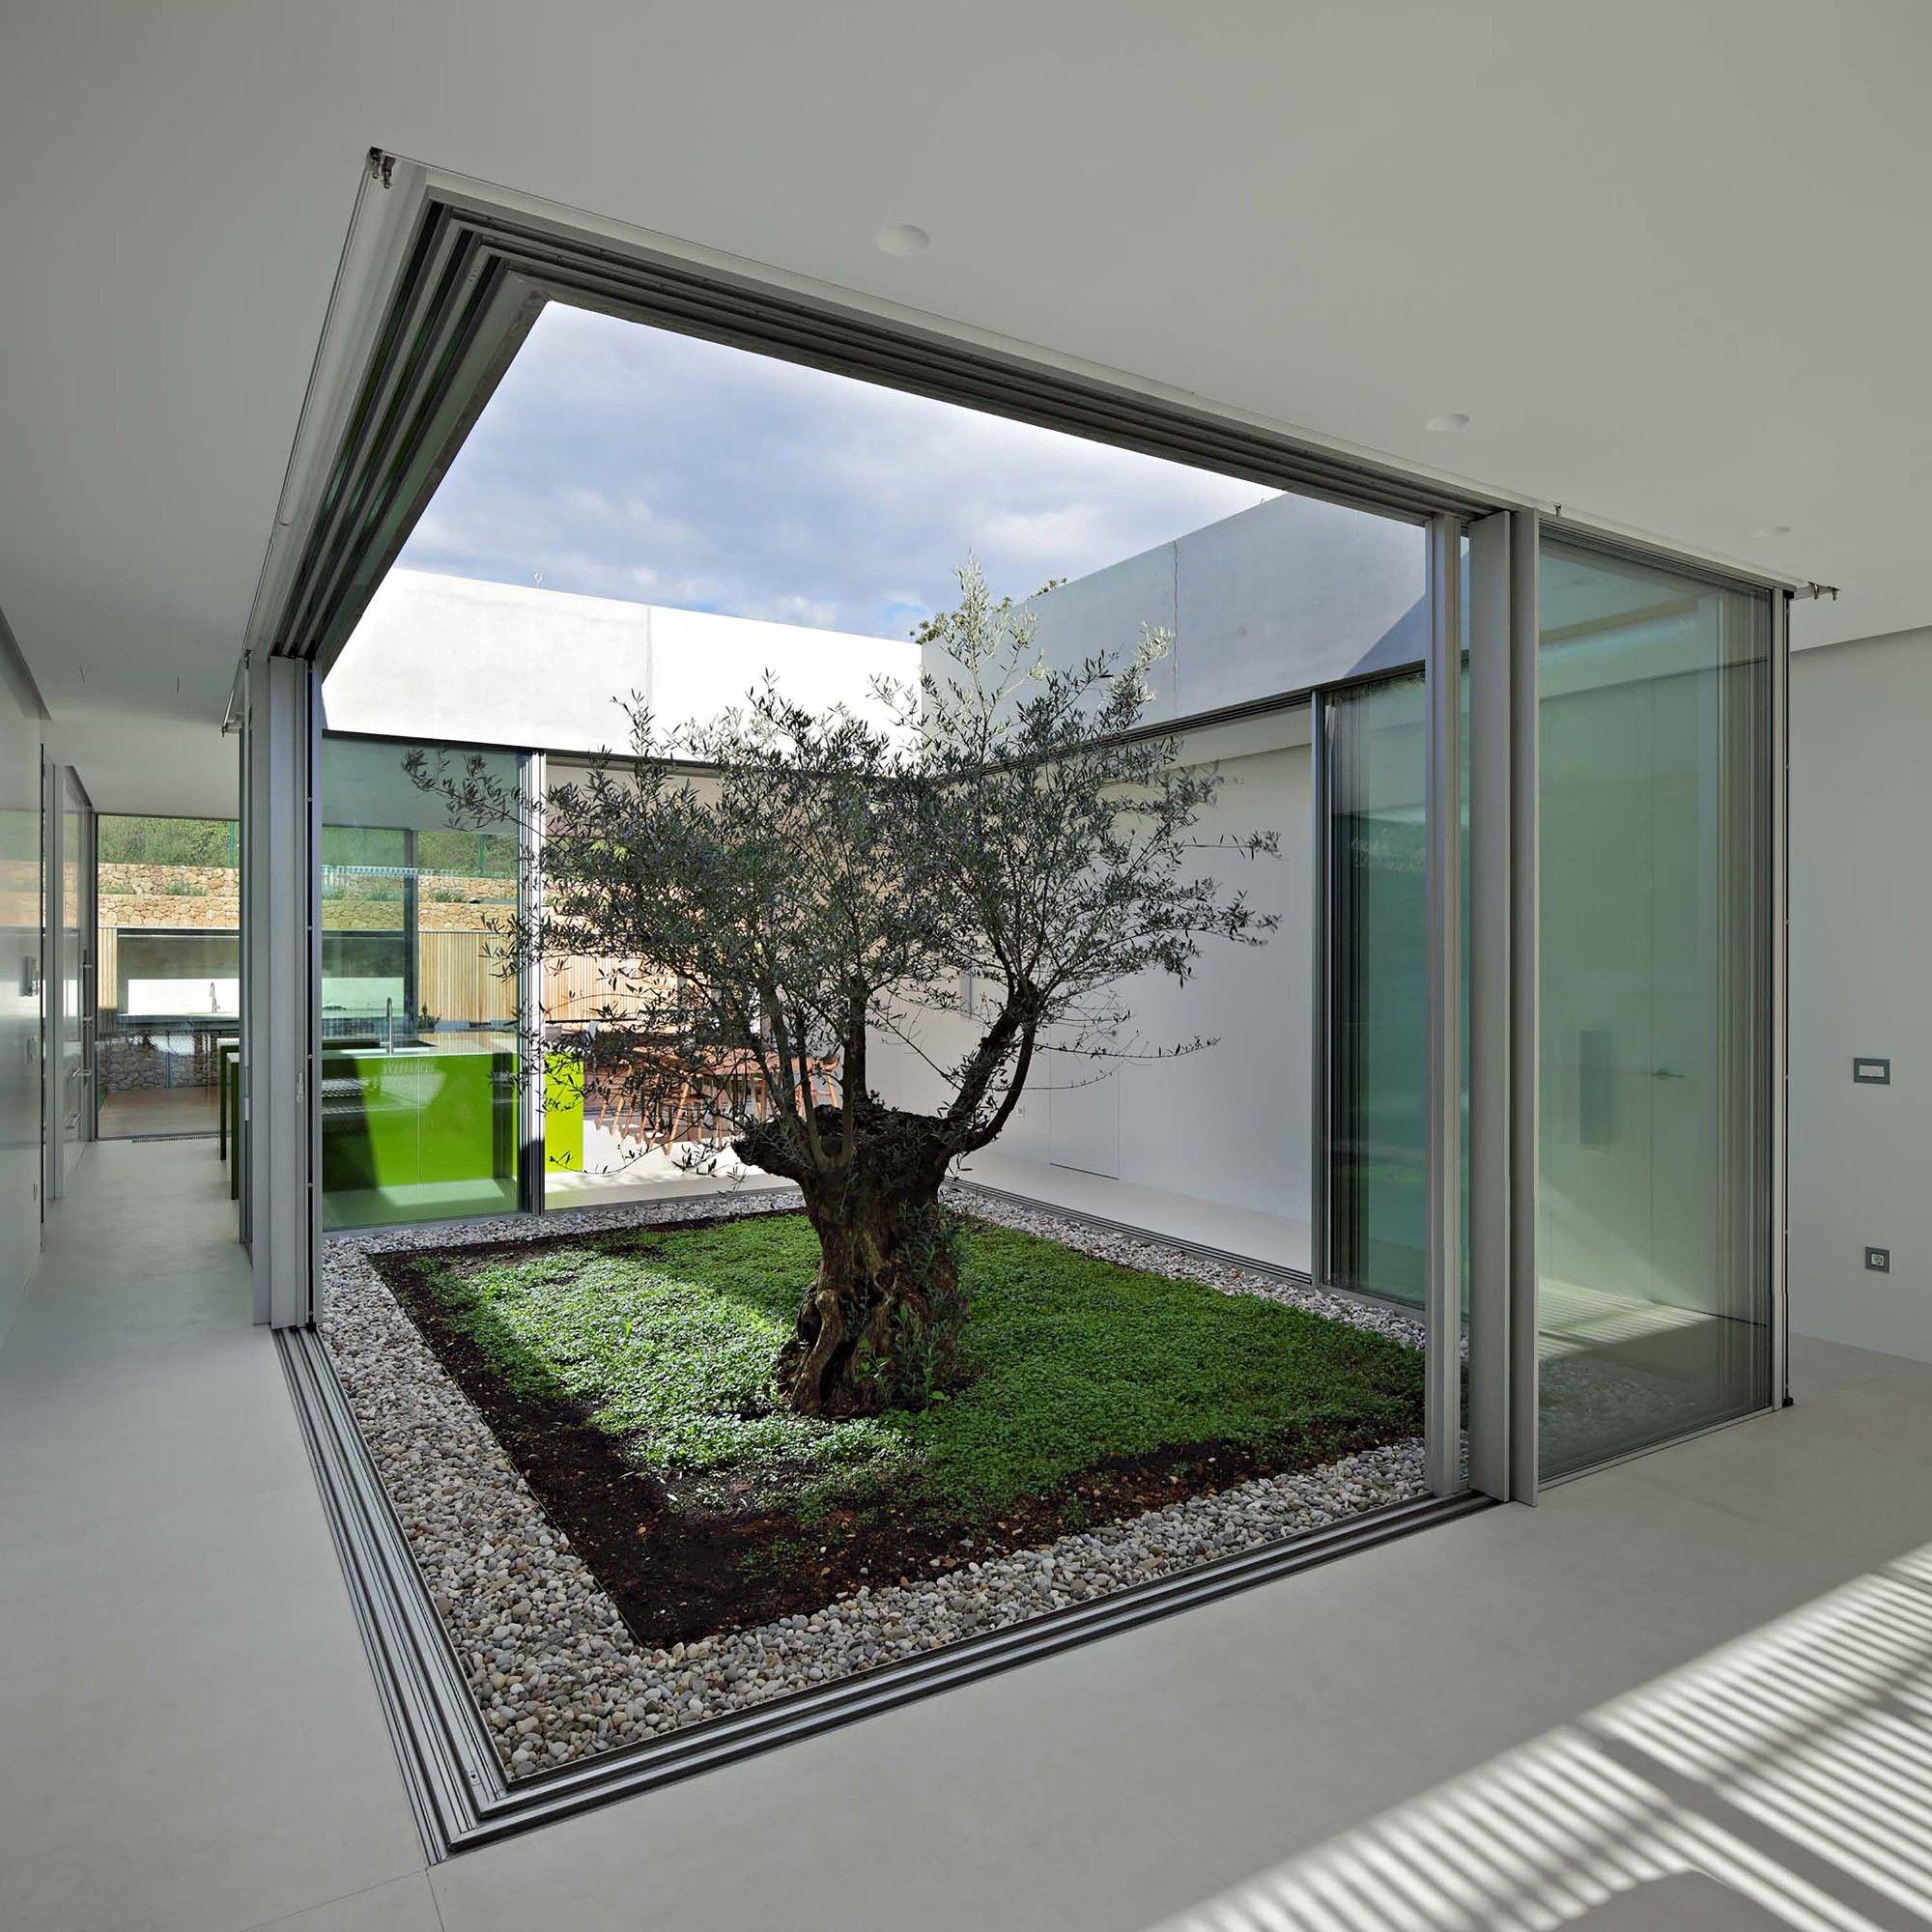 Galer a de casa olivo log urbis 3 casas jardines for Casa moderna jardines